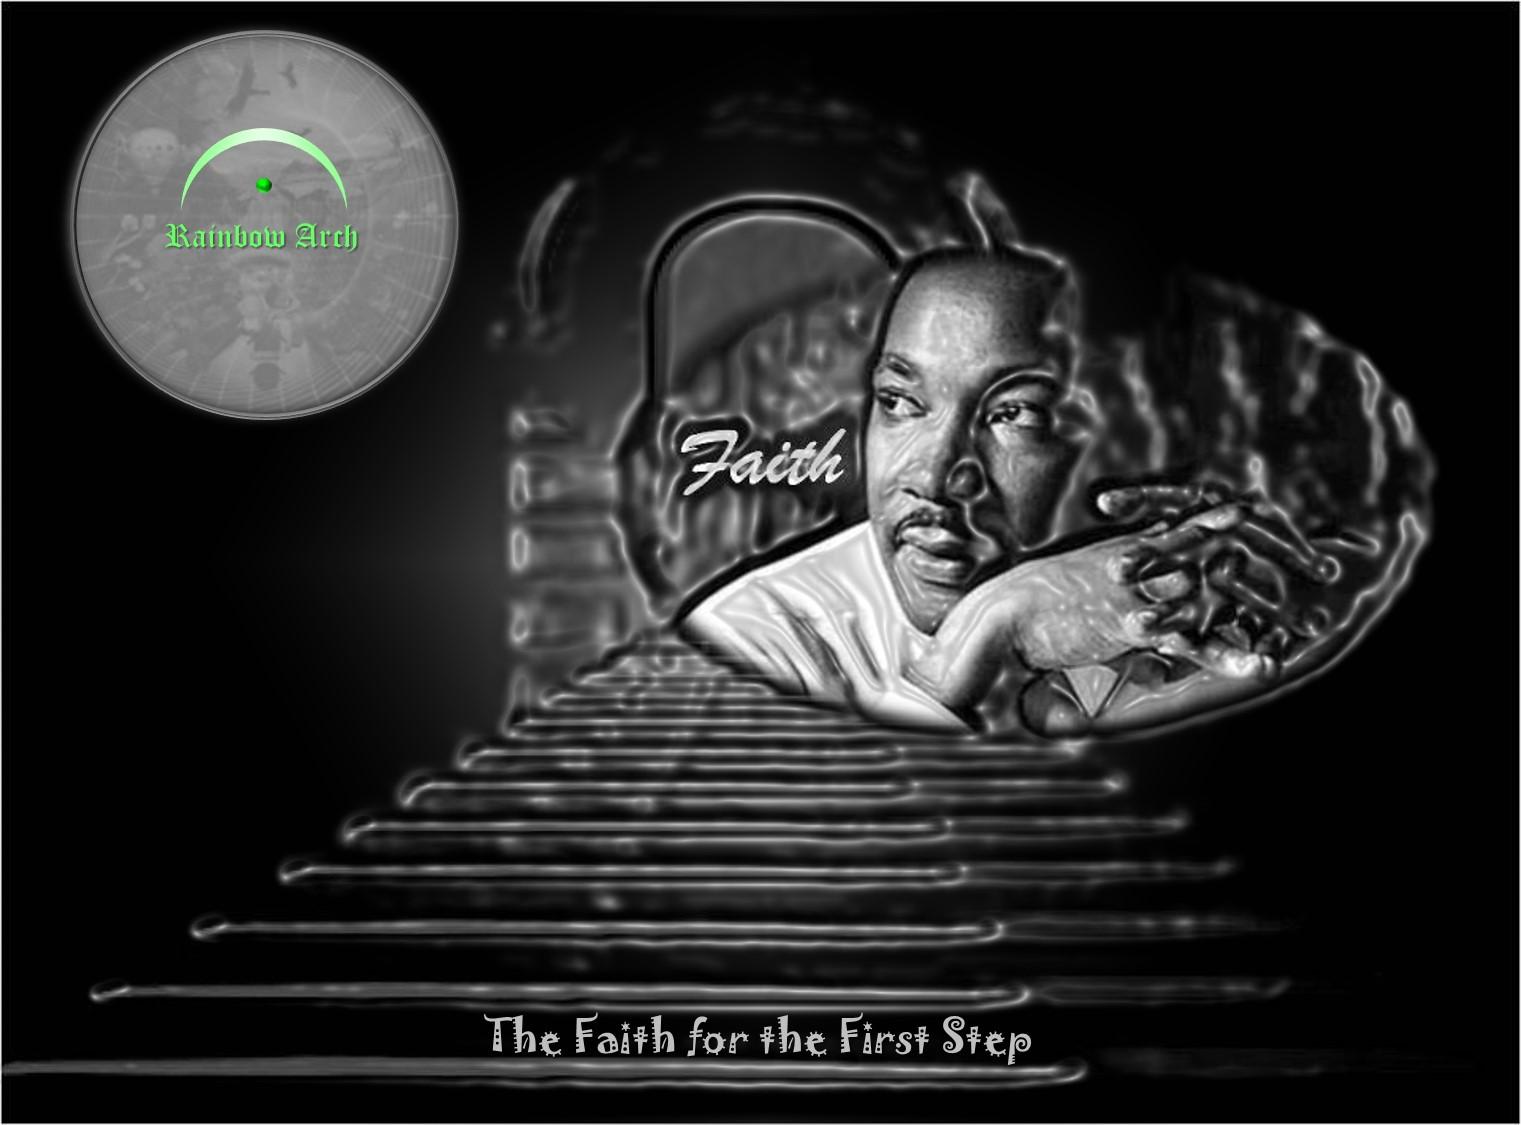 The Faith for the First Step